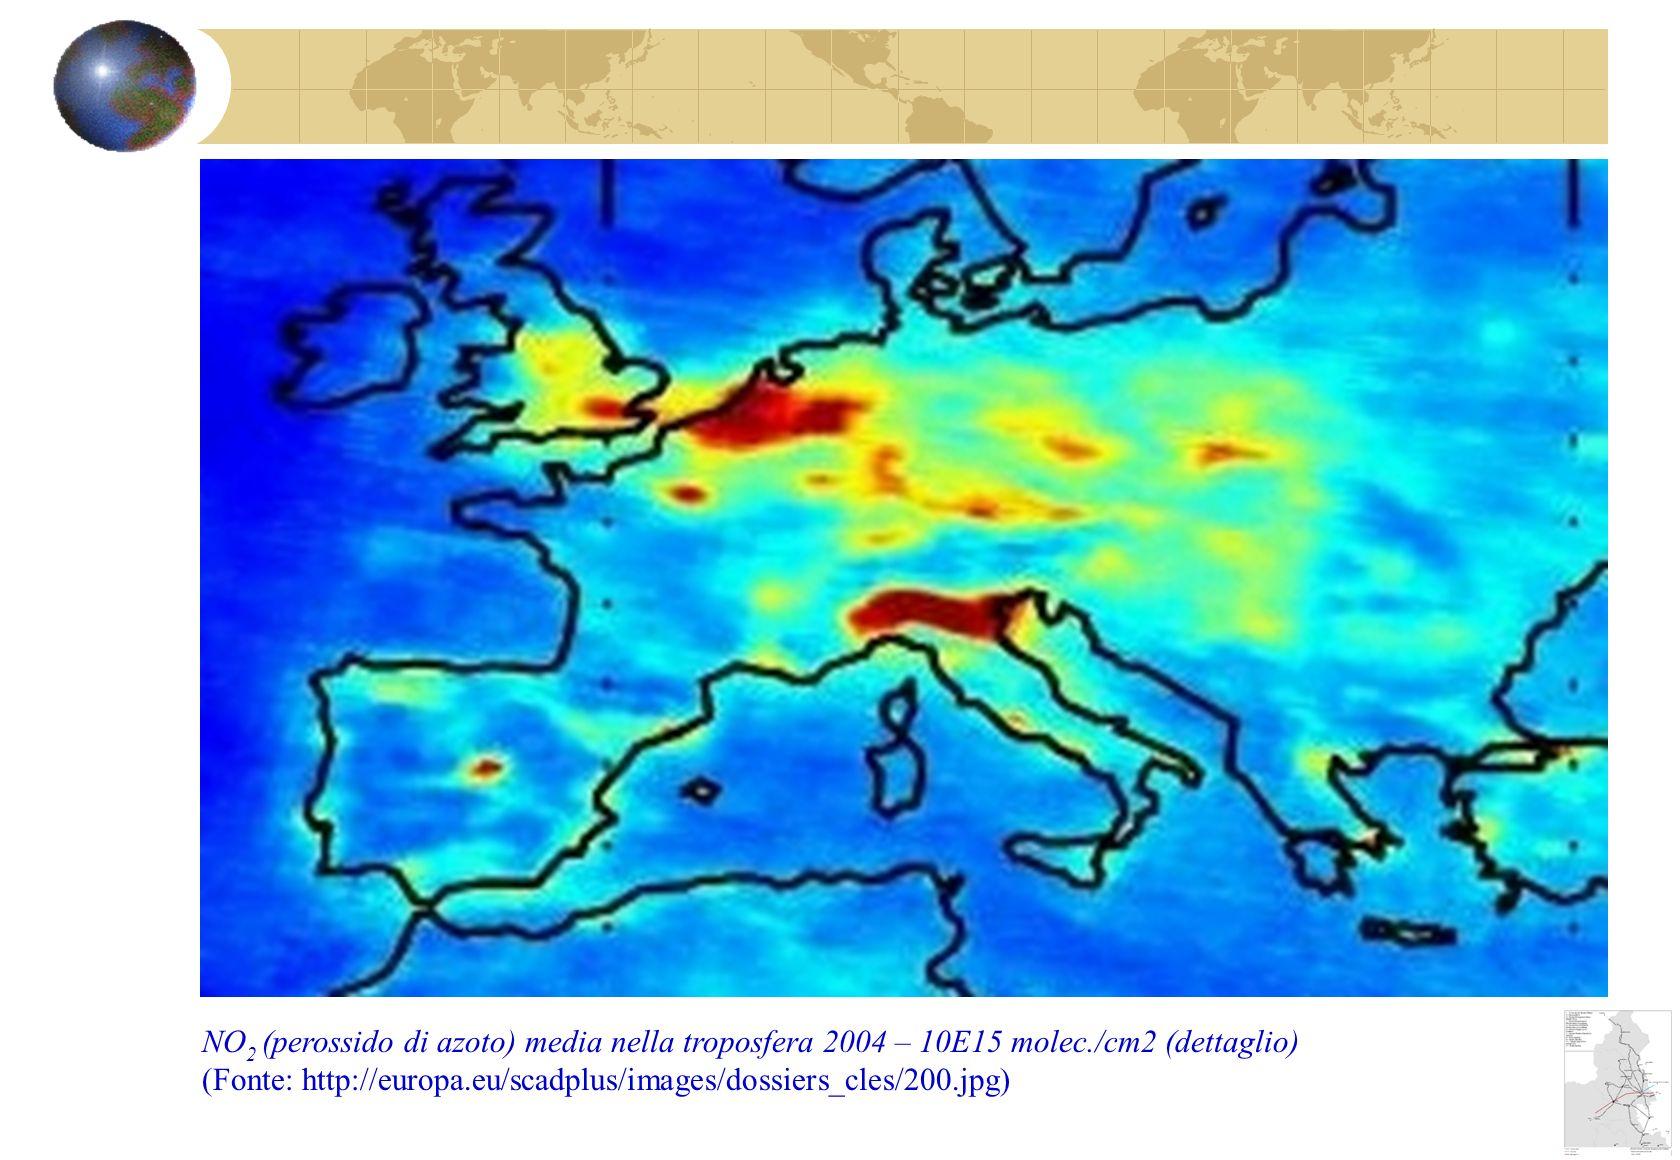 NO 2 (perossido di azoto) media nella troposfera 2004 – 10E15 molec./cm2 (dettaglio) (Fonte: http://europa.eu/scadplus/images/dossiers_cles/200.jpg)